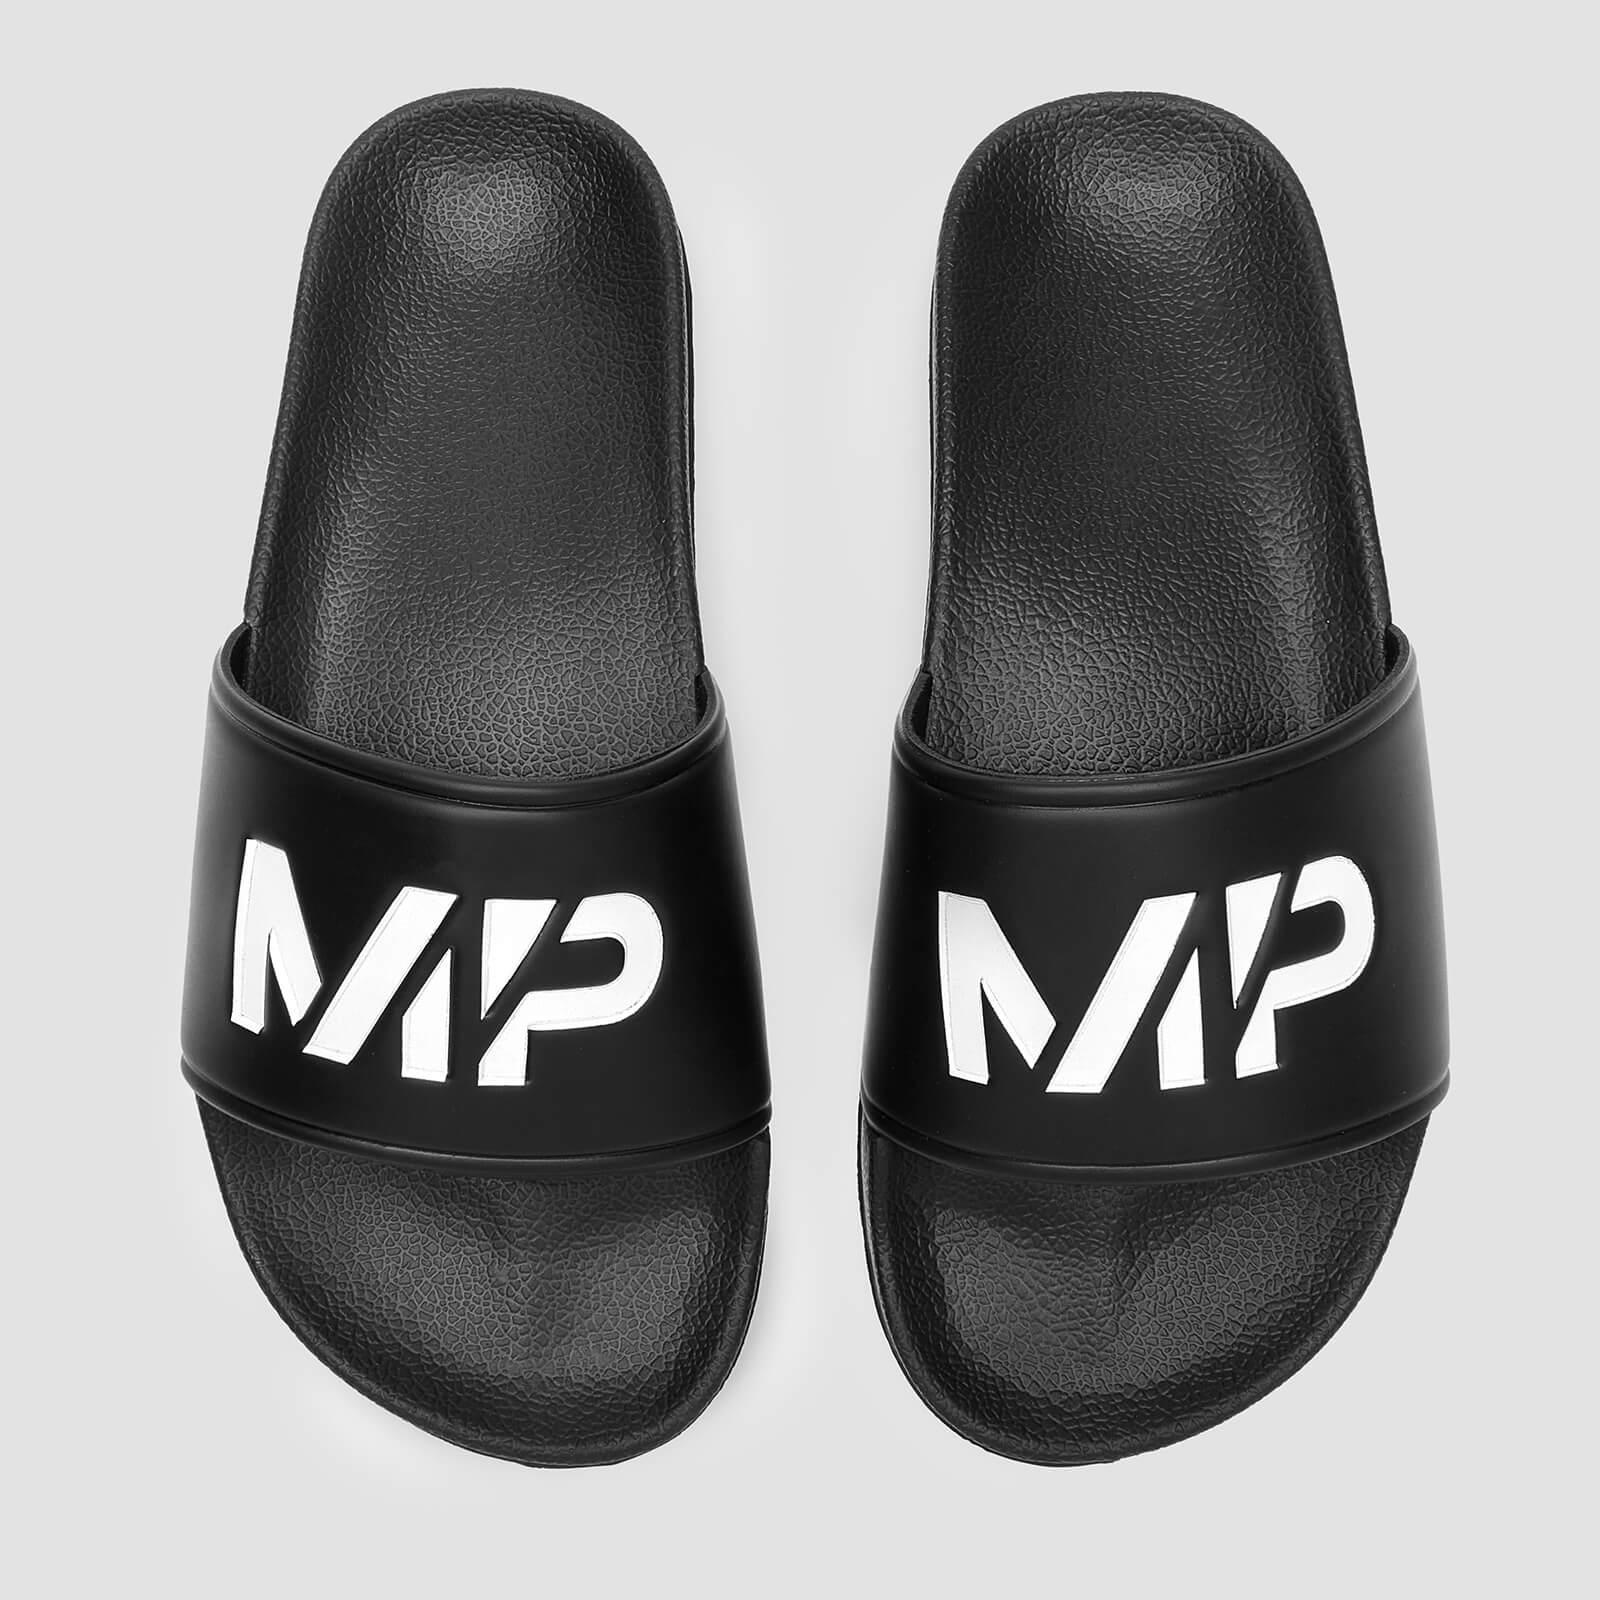 MP Mens Sliders - Black/White - UK 9